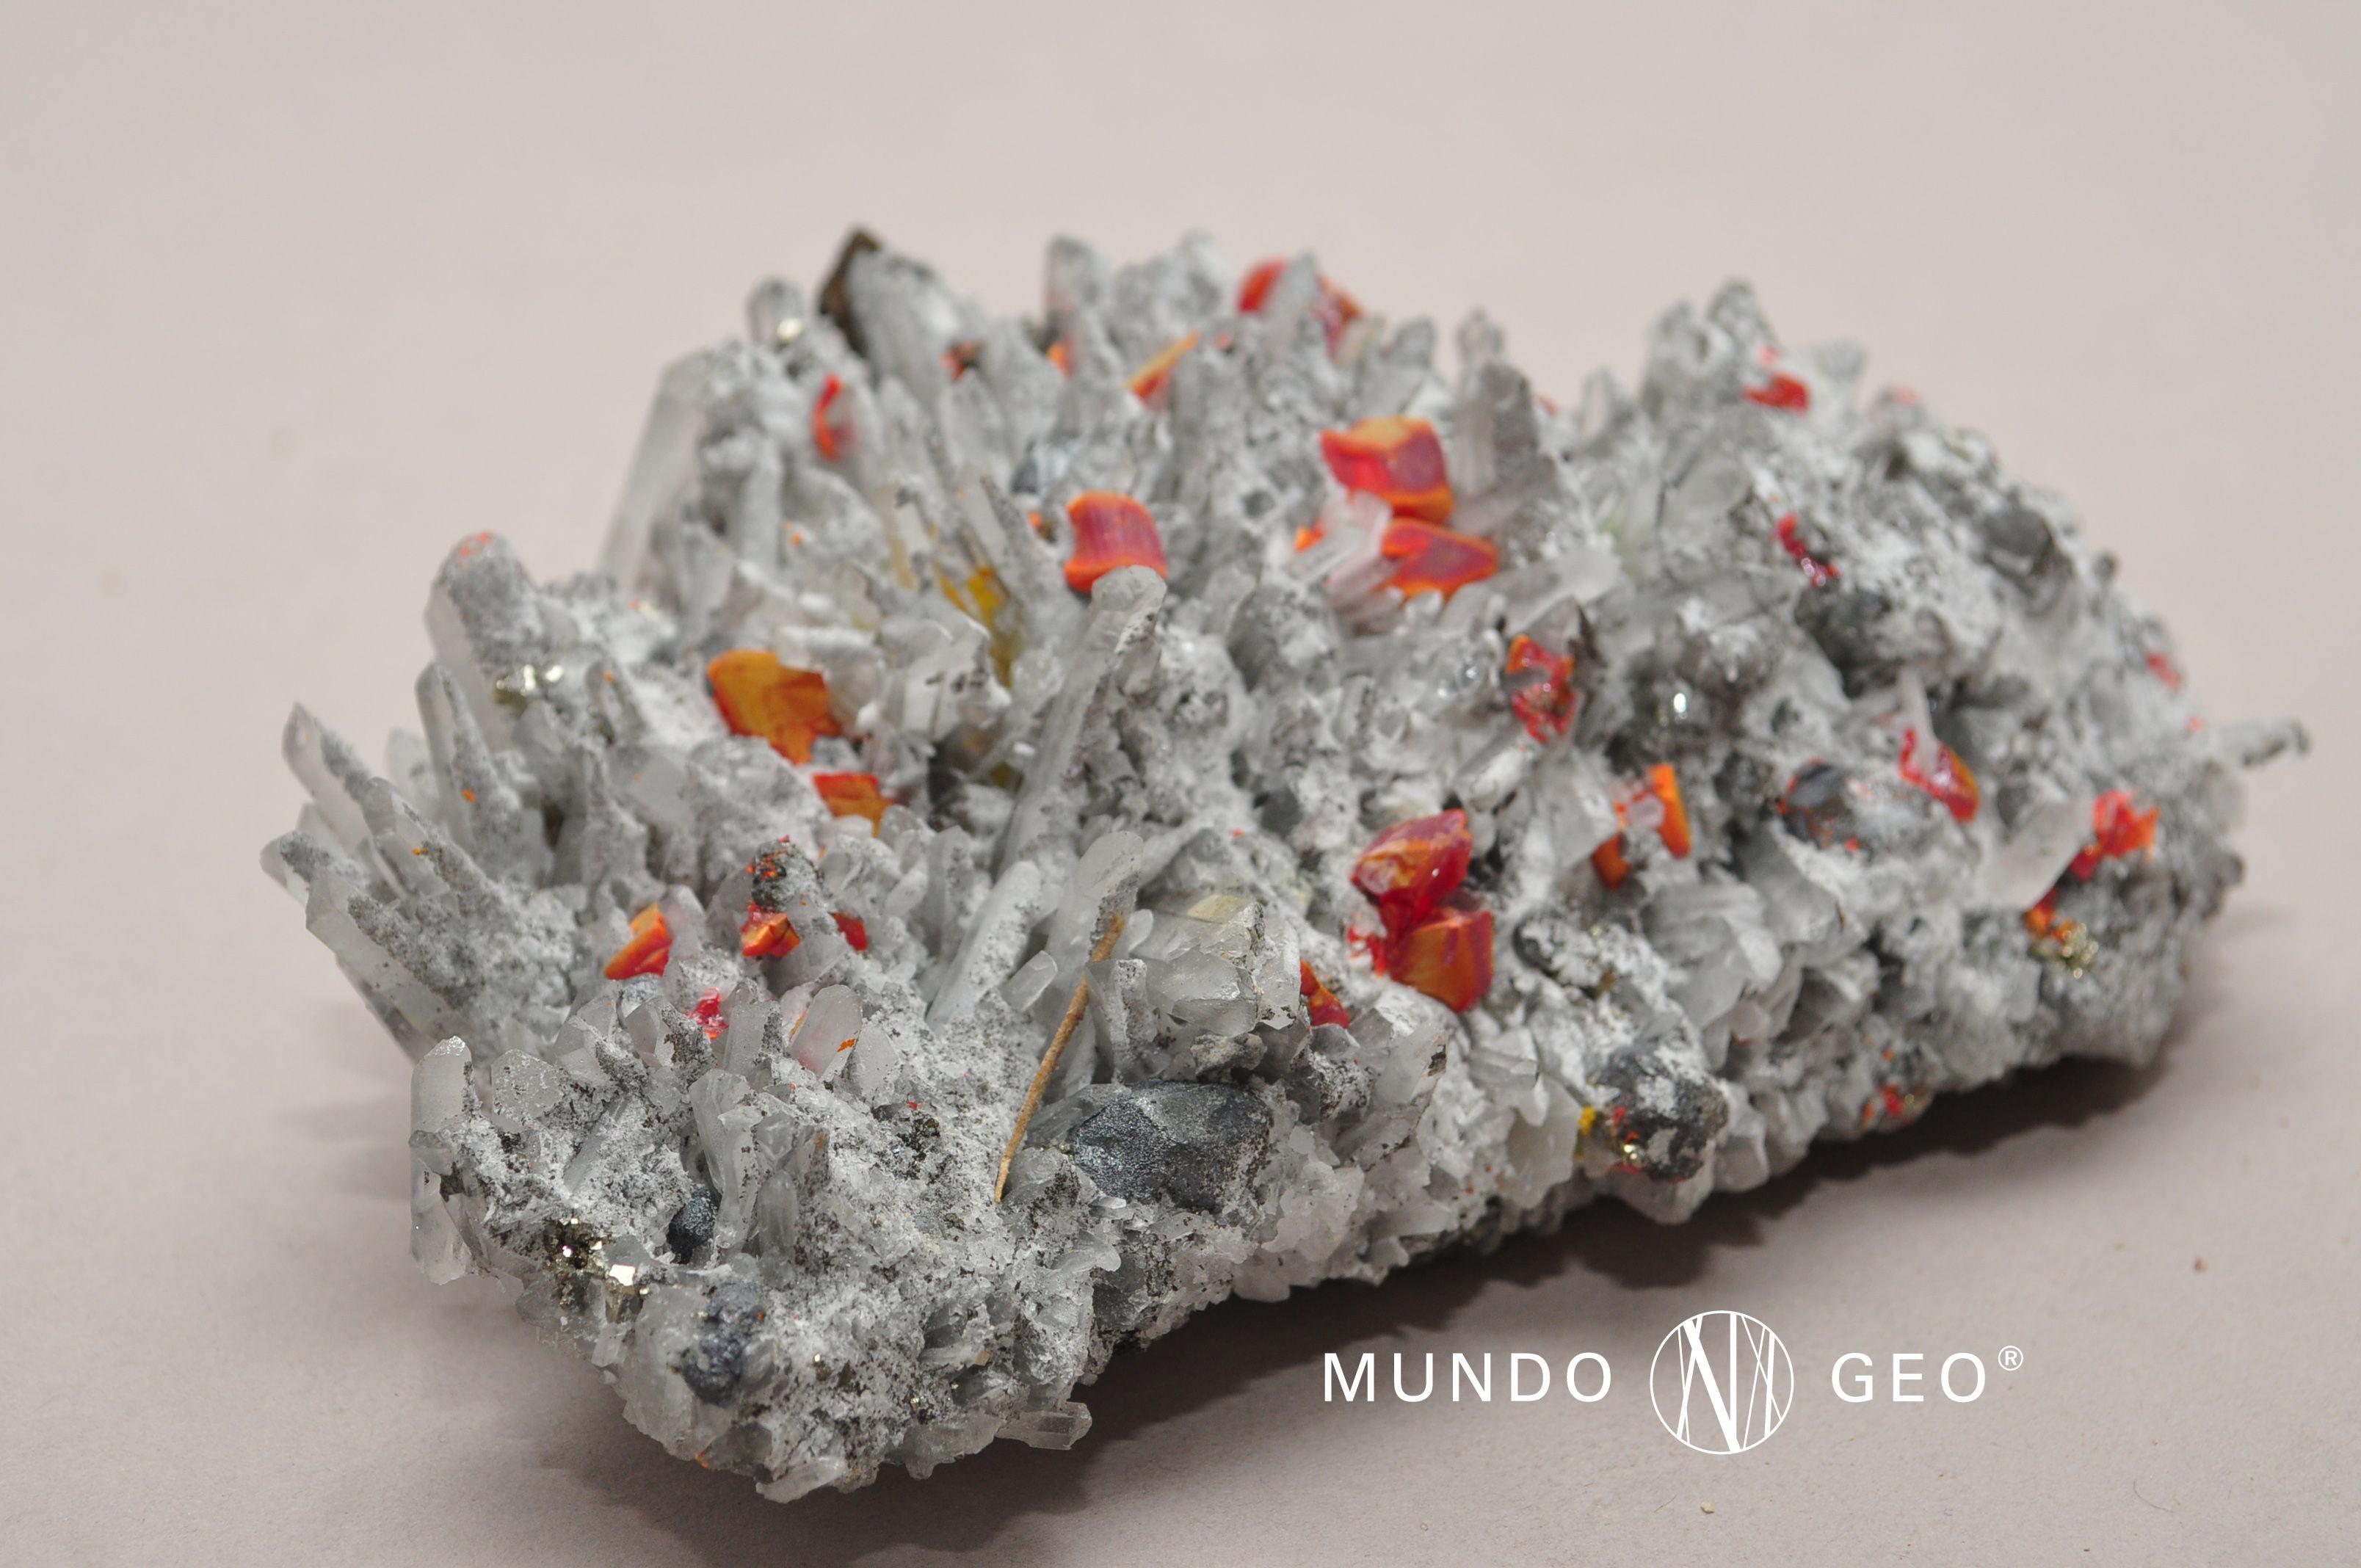 """REJALGAR. El nombre de este mineral deriva del árabe rahj-al-ghar y significa """"polvo de mina"""". Conocido desde la más remota antigüedad por sus múltiples aplicaciones en medicina, el REJALGAR es mencionado como sandaraca o sandracca por Plinio el Viejo en su obra Historia Natural. Siempre con fines medicinales fue muy utilizado durante la Edad Media por los alquimistas, que lo denominaron """"risagallo"""".  Se lo emplea para obtener arsénico metálico o diversos compuestos de este elemento."""